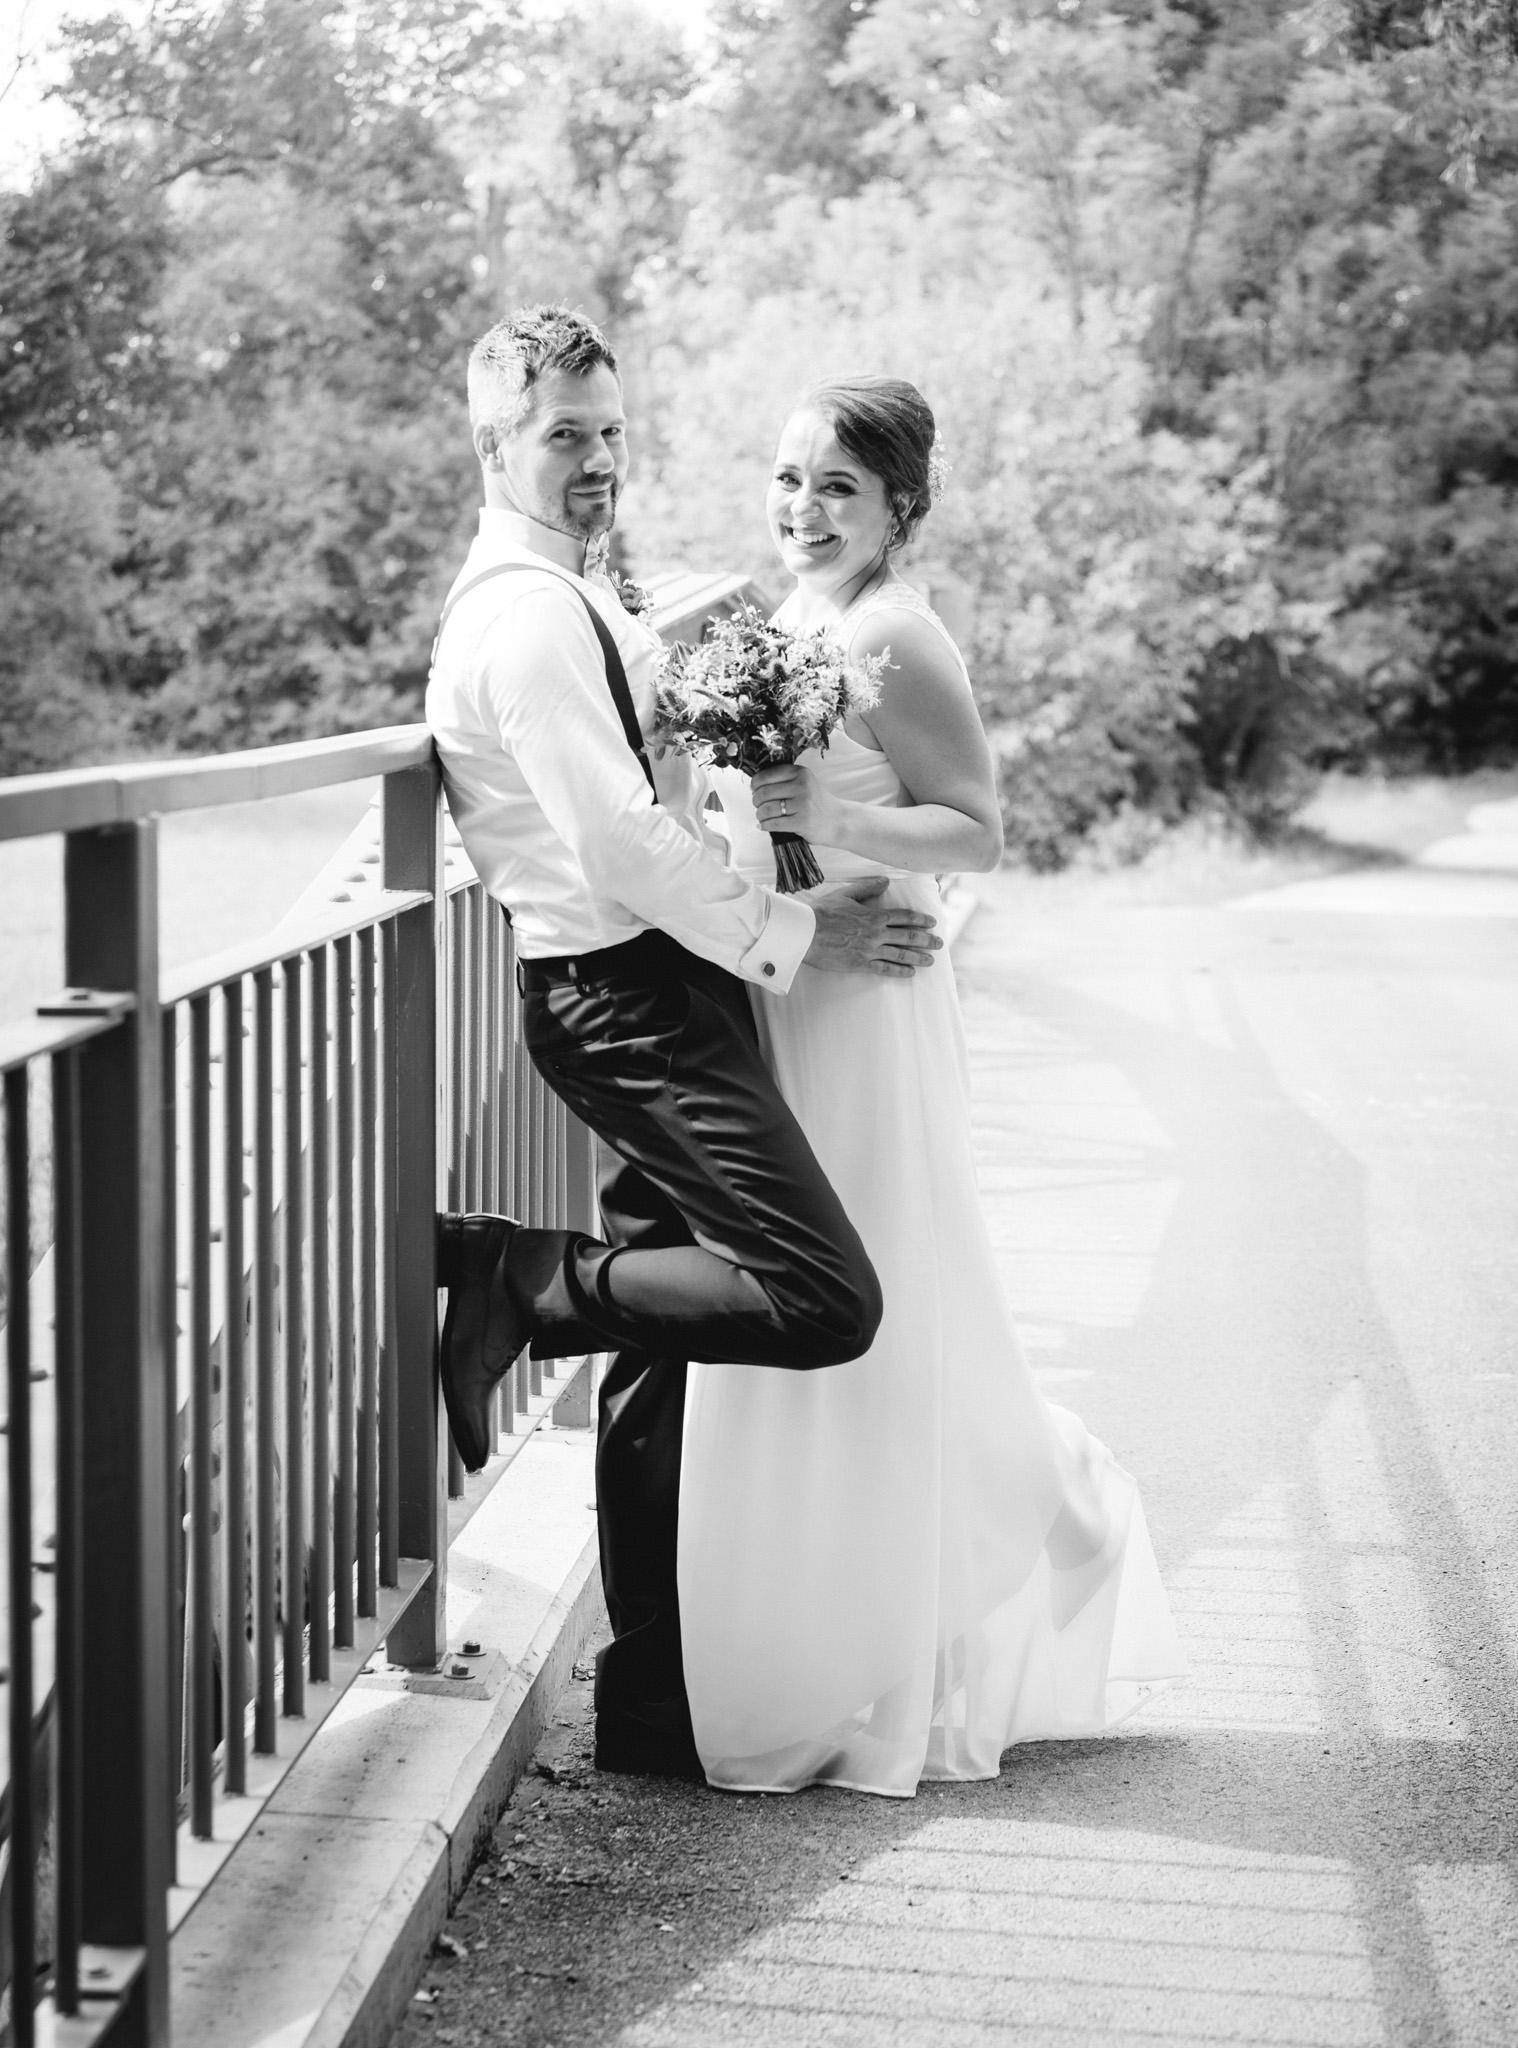 Portrét nevěsty a ženicha u zábradlí